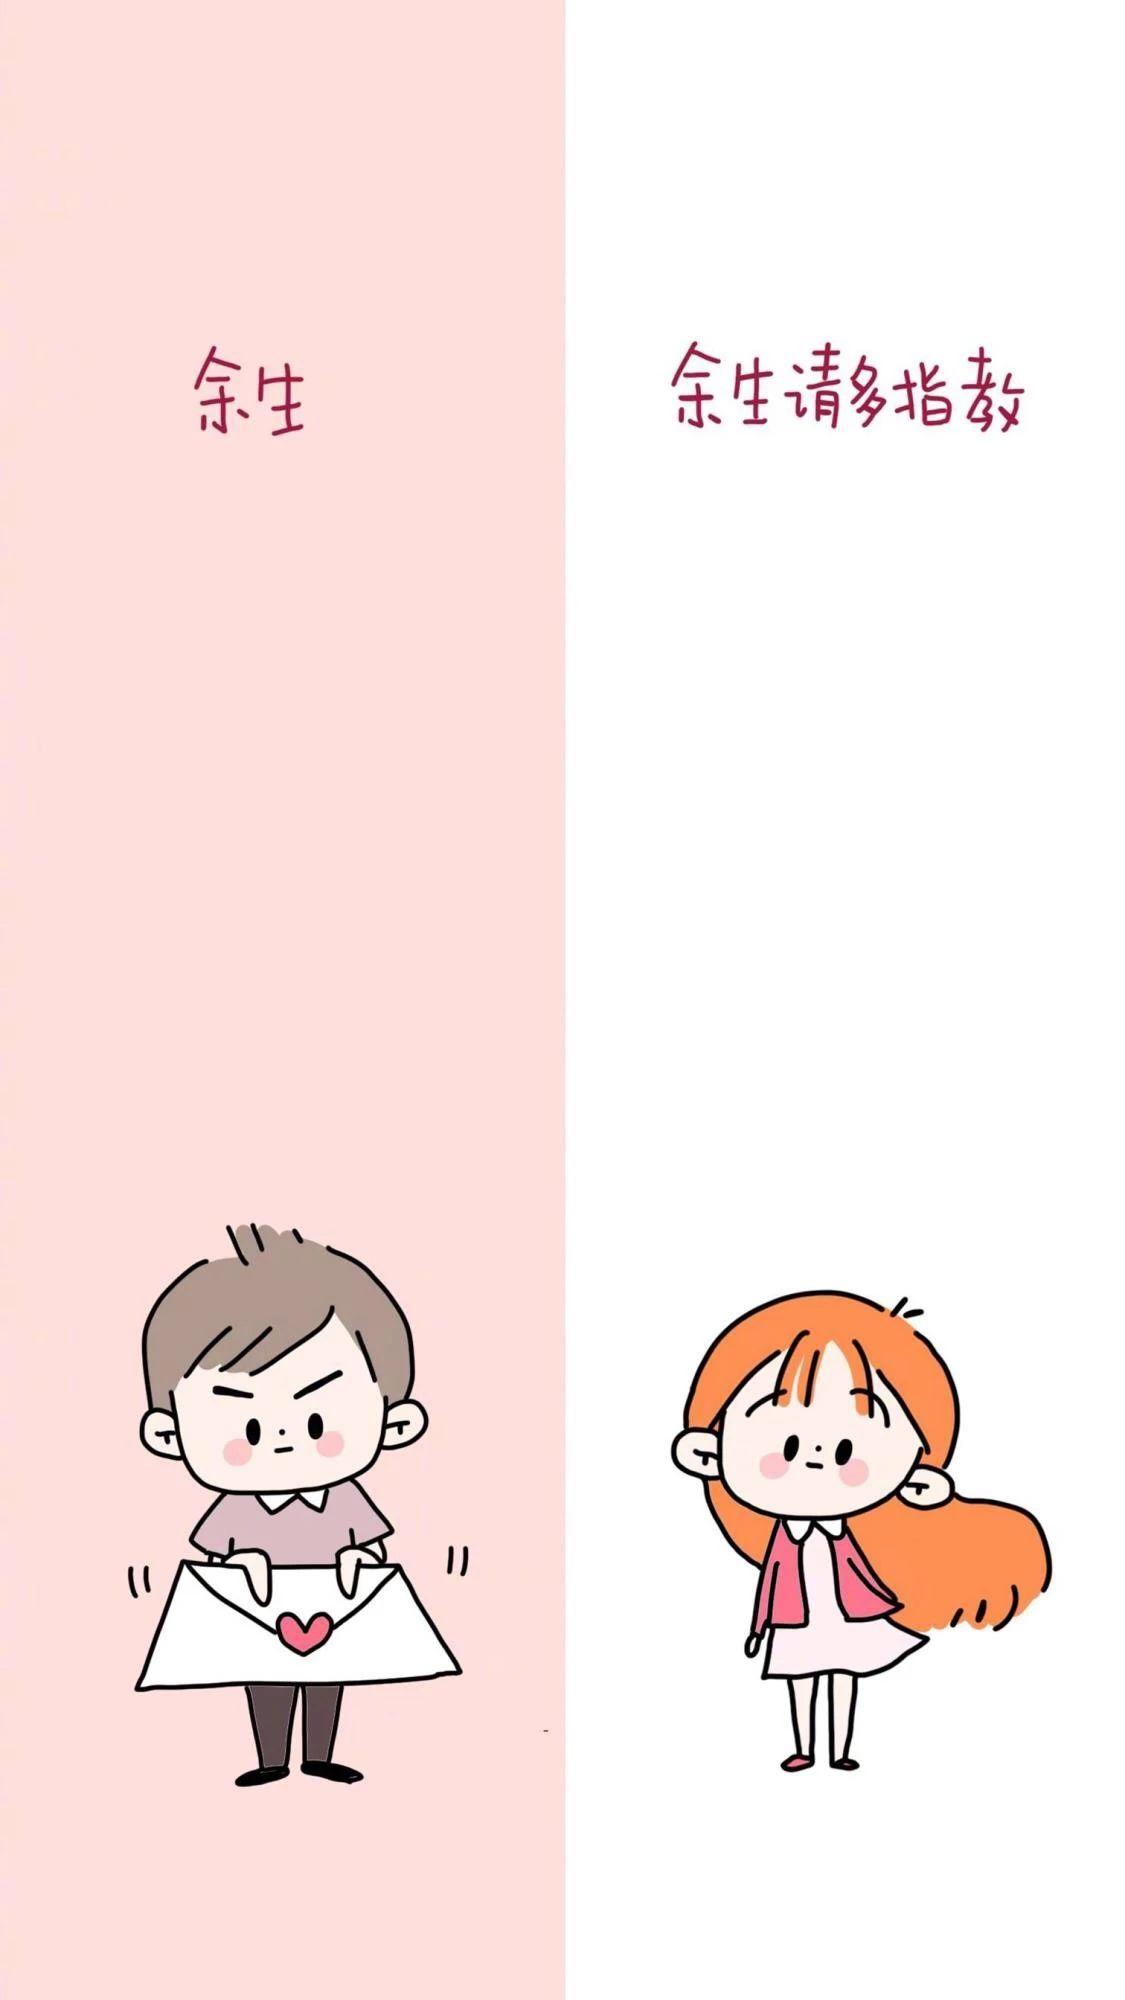 QQ微信聊天背景图:发财和发朋友圈,你总要发一个吧!插图35